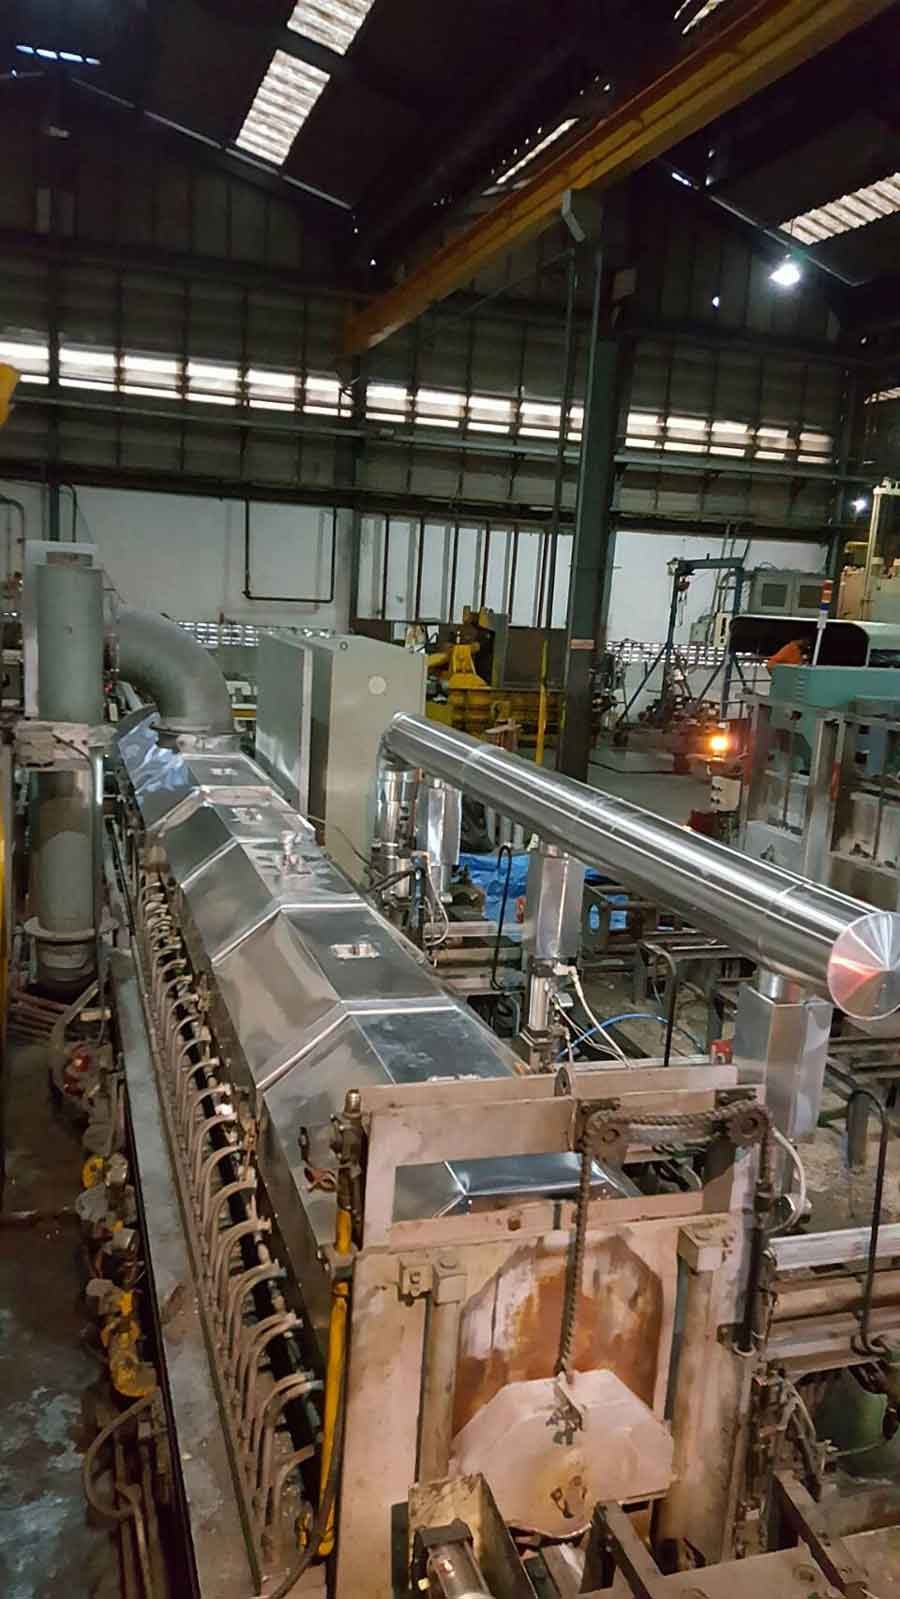 งานหุ้มฉนวนกันความร้อนเครื่องจักรอุตสาหกรรม หน้างานโกลด์สตาร์